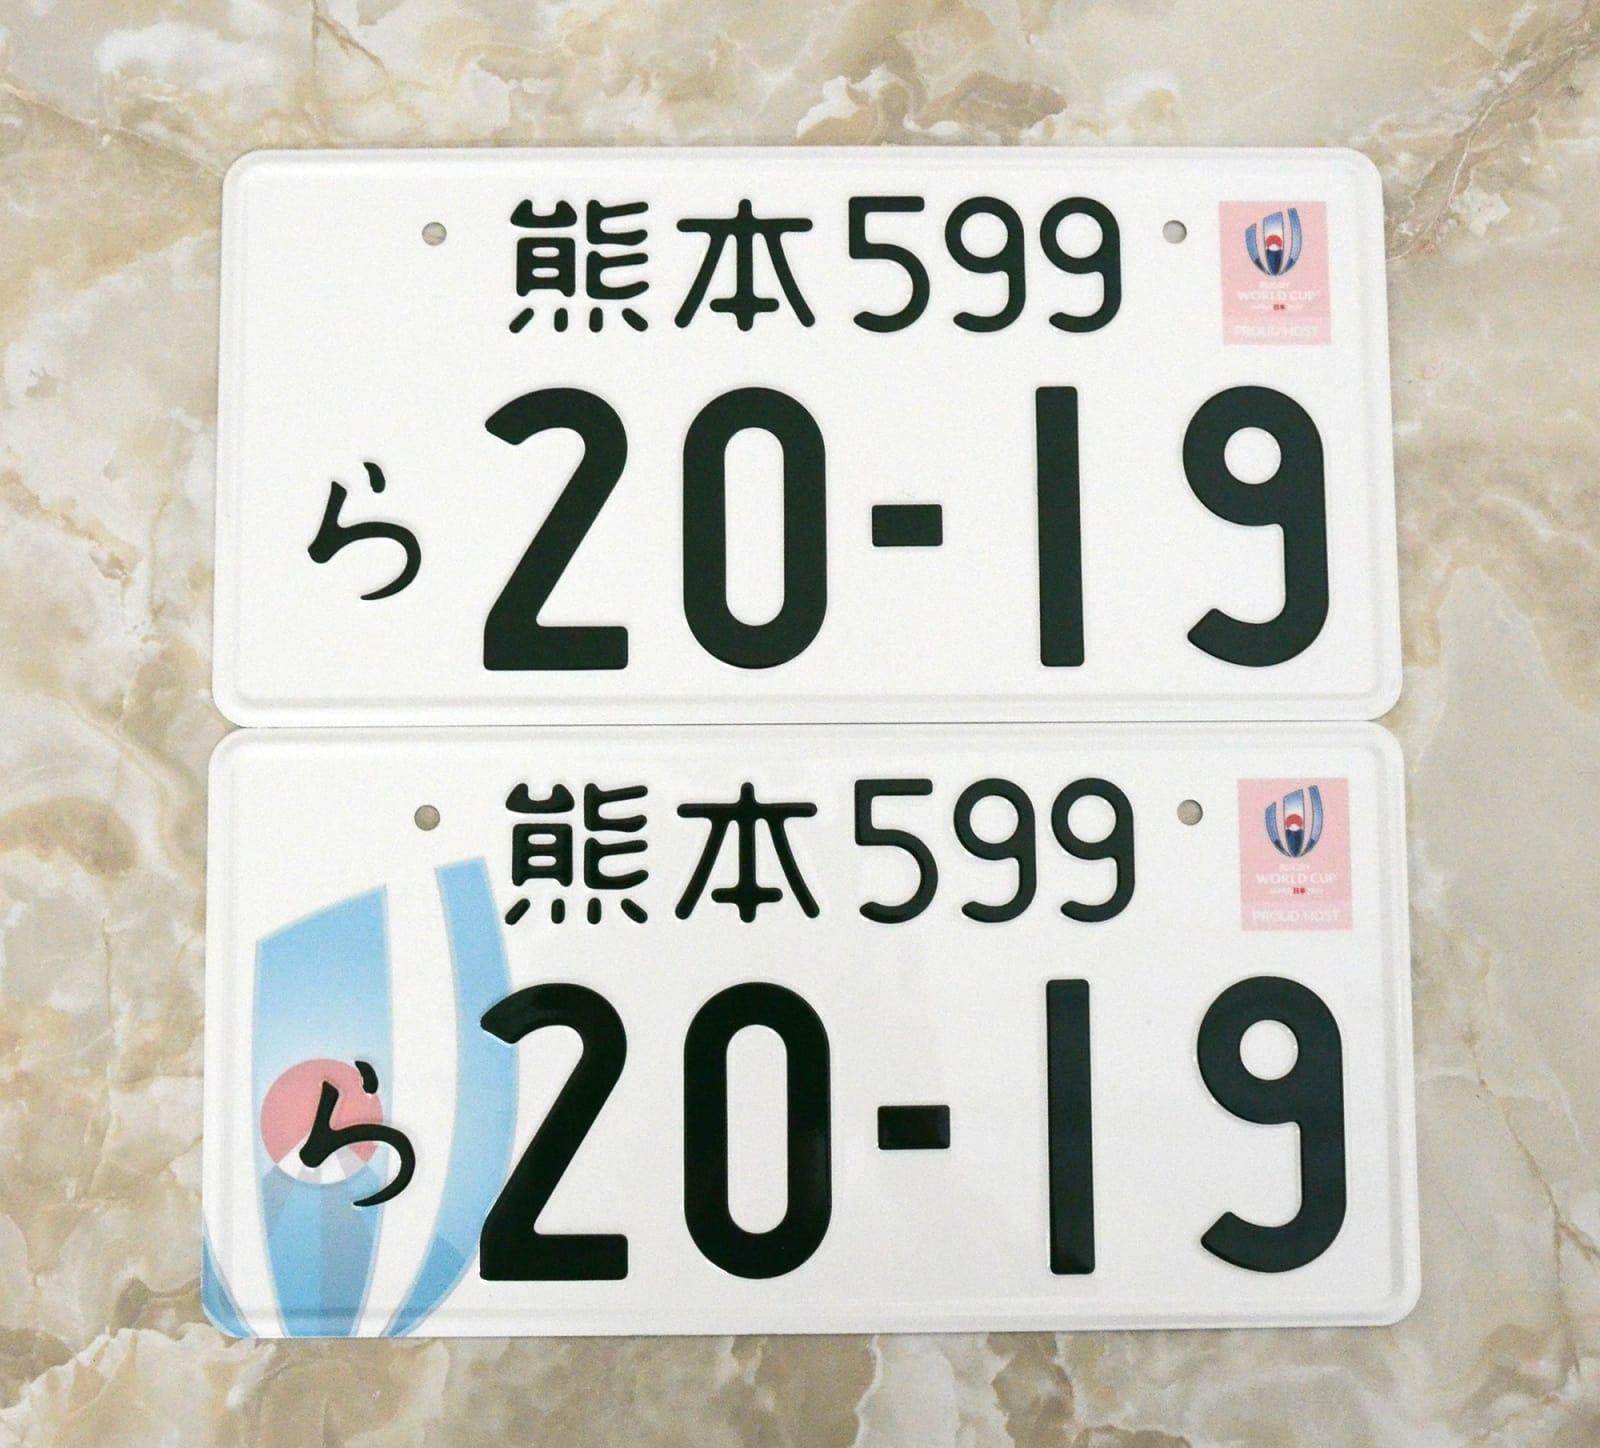 右上にラグビーW杯日本大会の公式ロゴマークが入ったナンバープレート